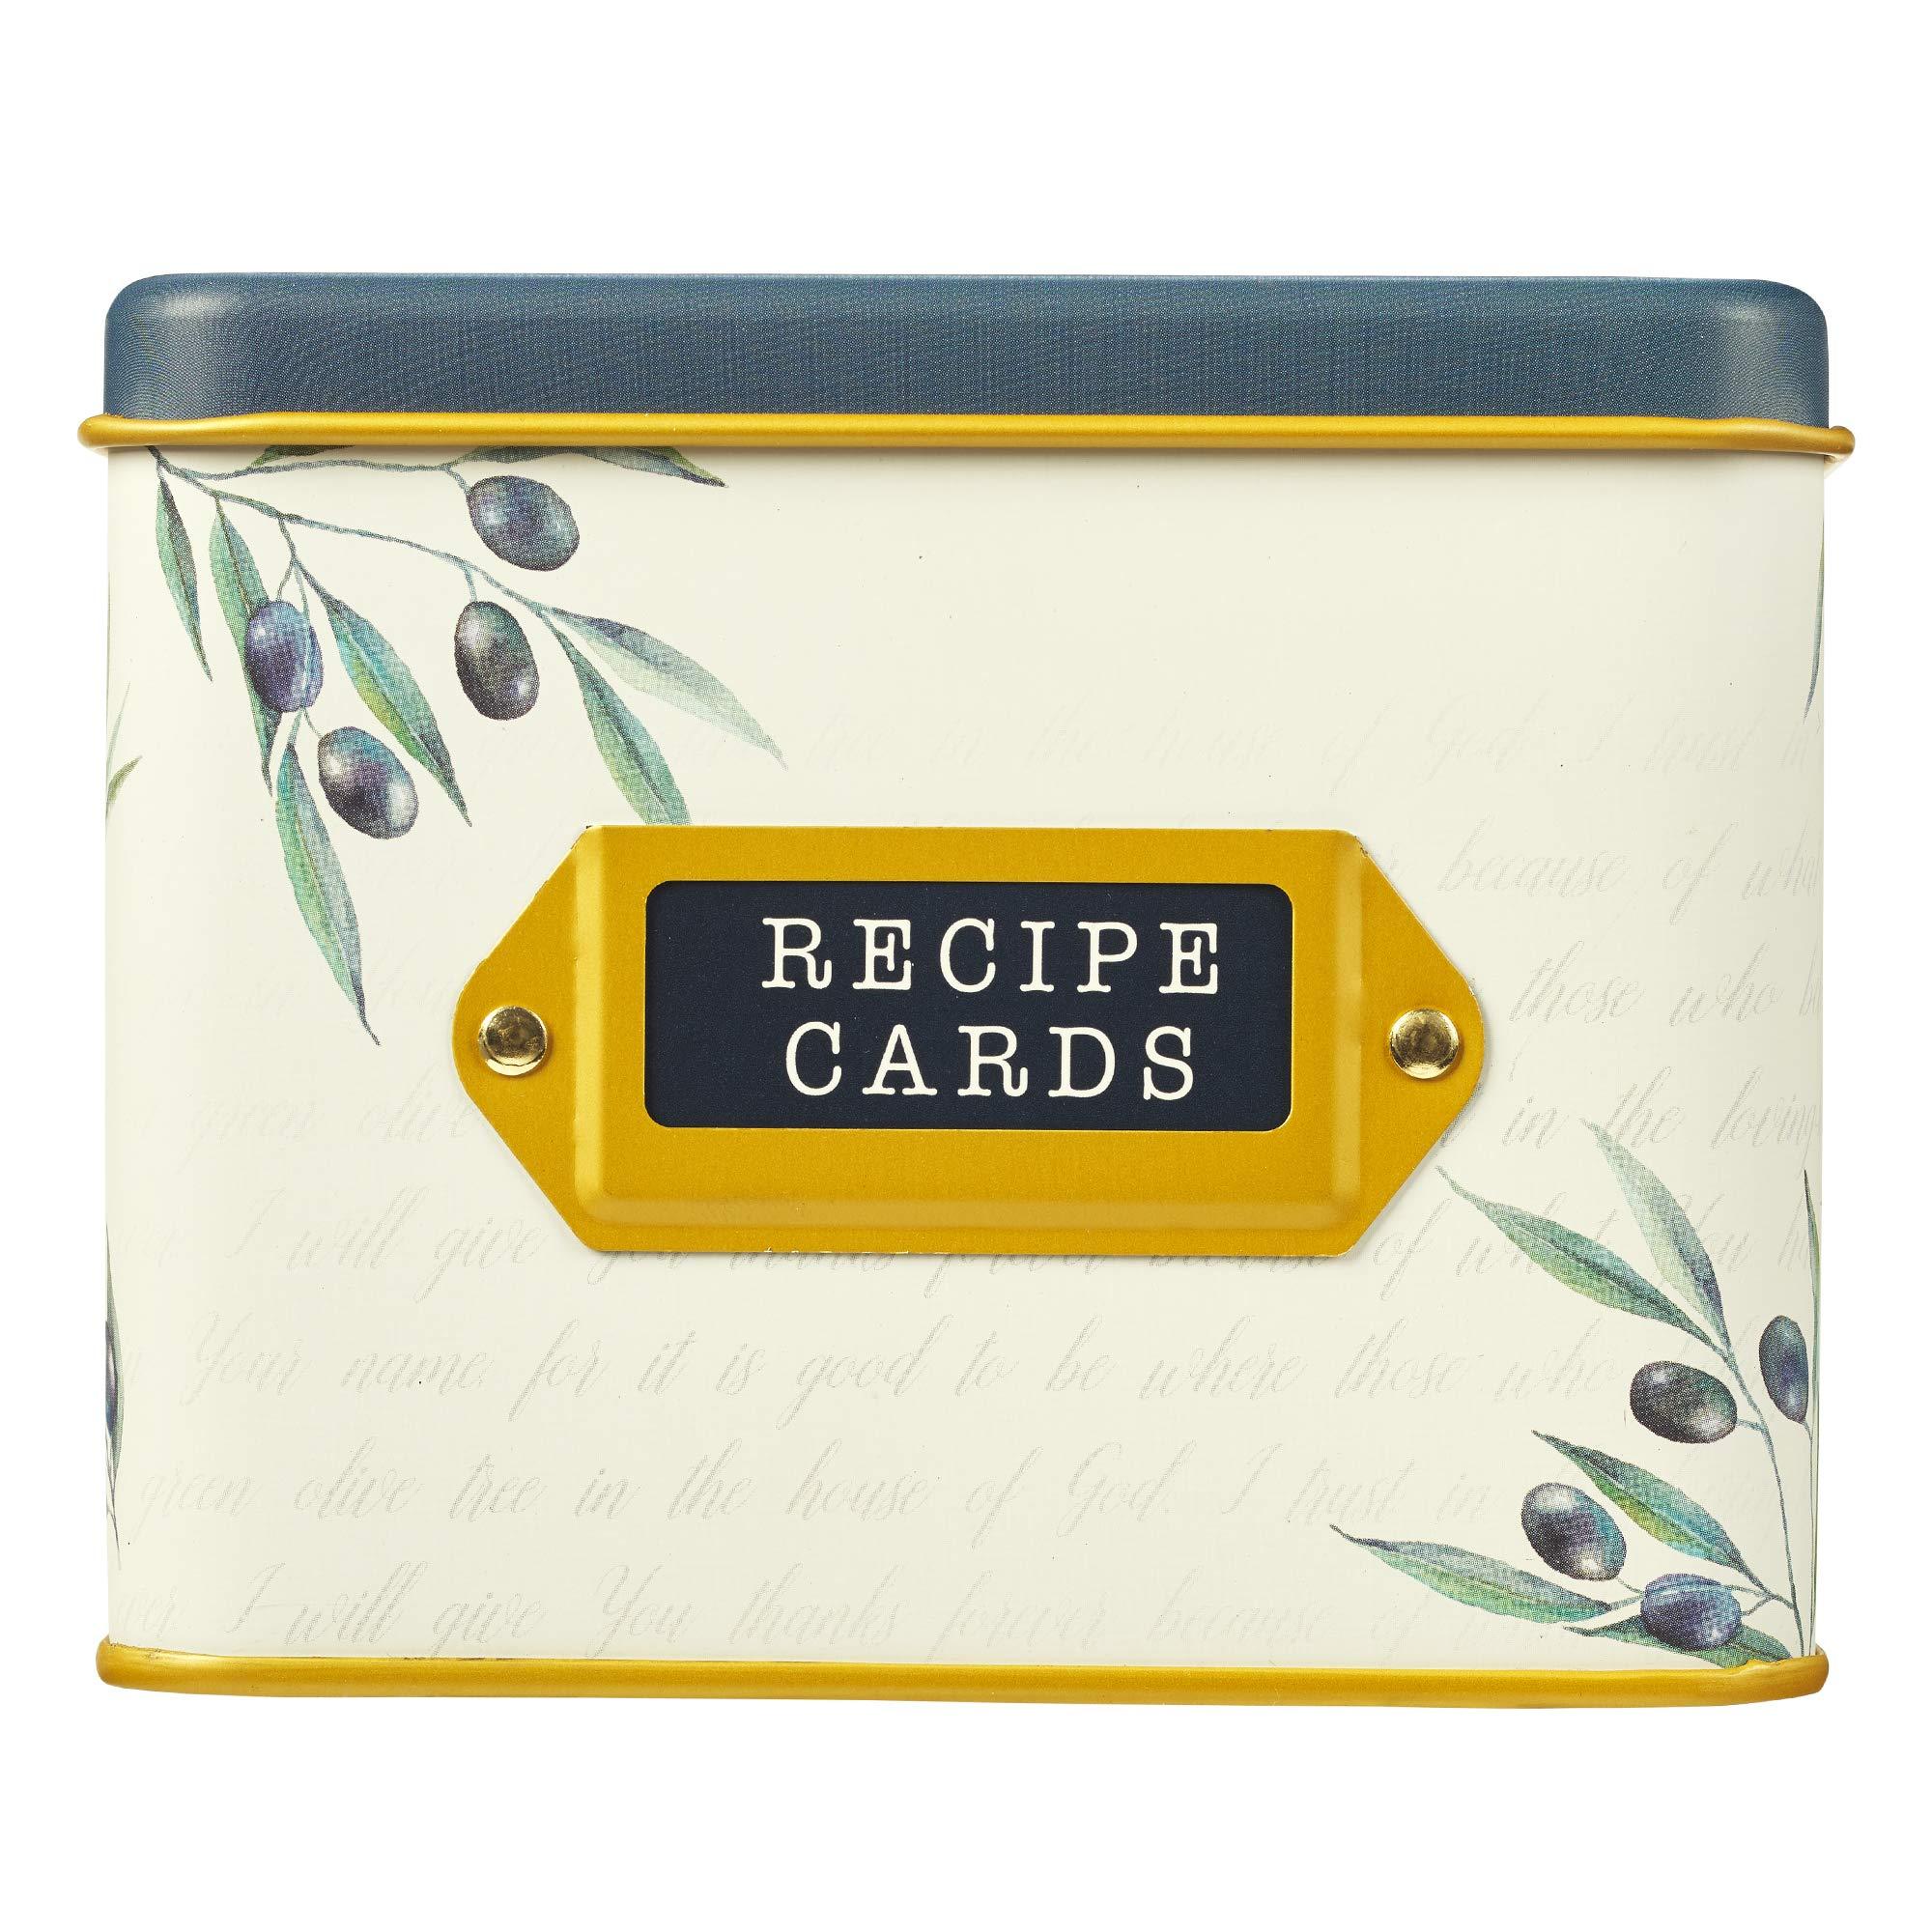 Caja de recetas con tarjetas: sabor y ver que el Señor es bueno, salmo 34:8: Amazon.es: Hogar